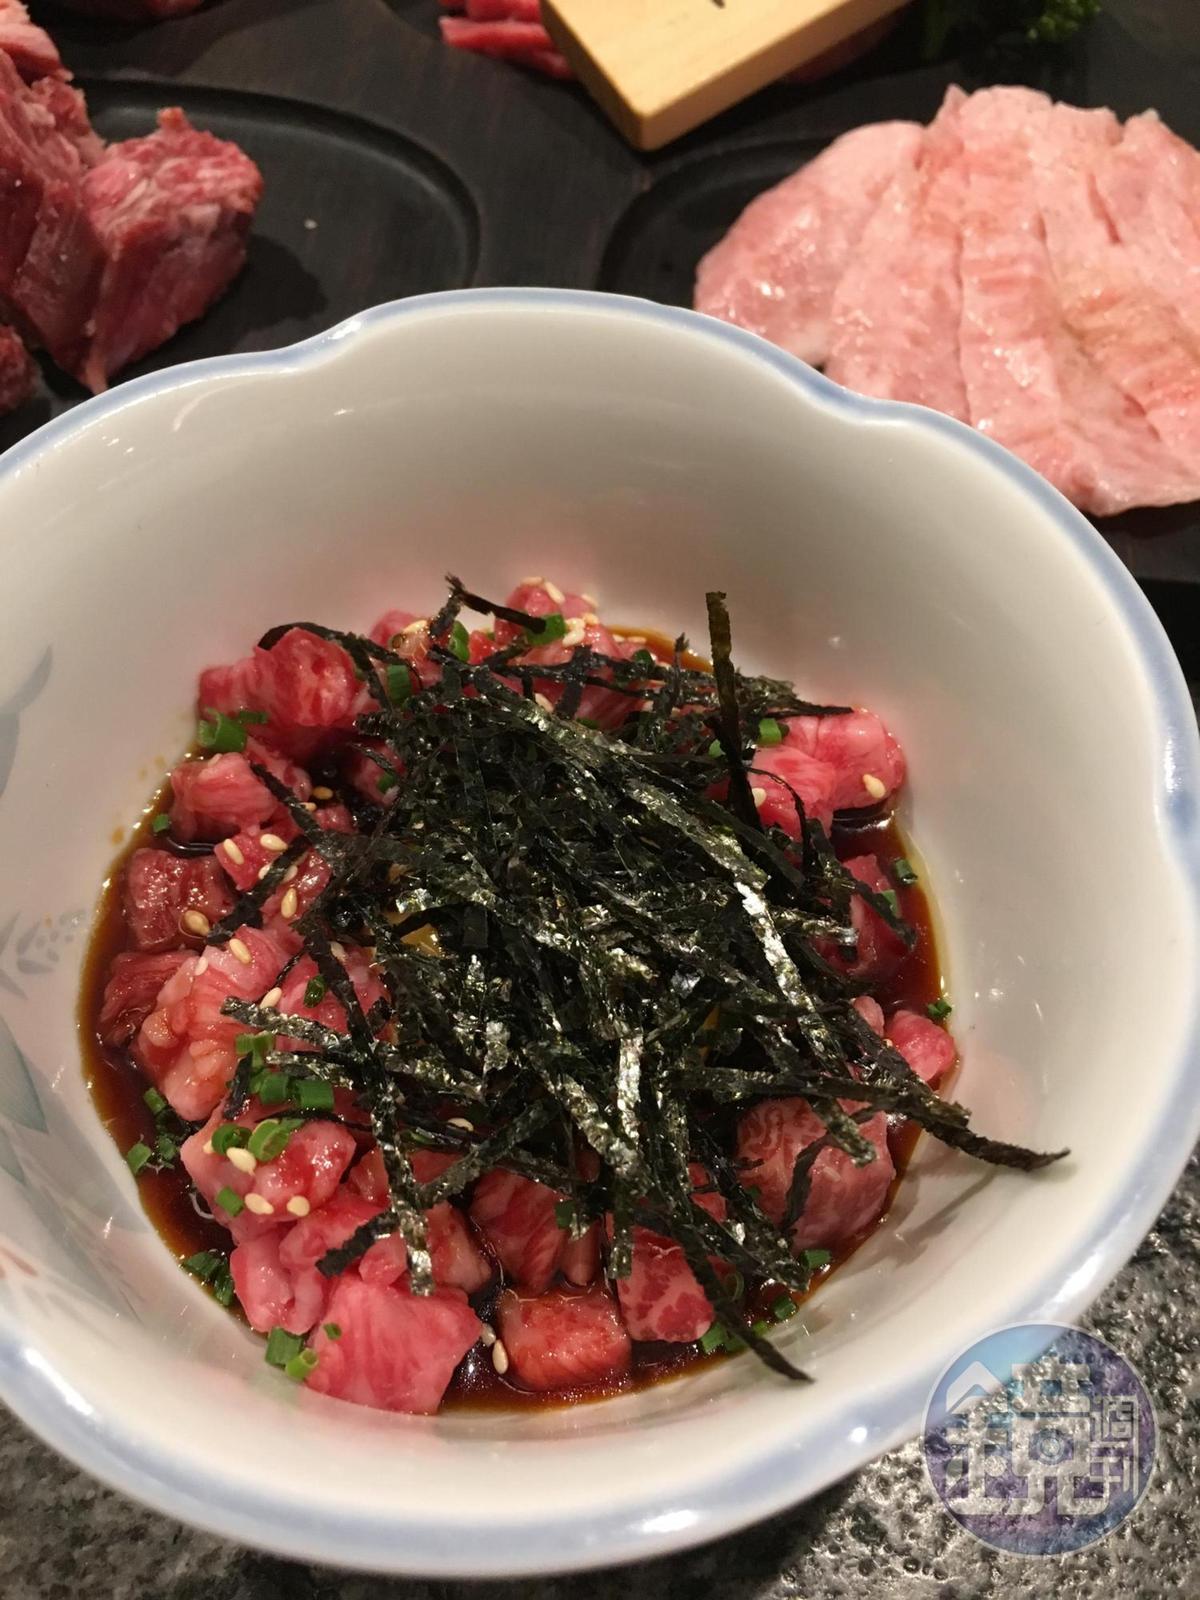 「日本和牛生牛肉拌飯」將日本A4級和牛切成適口大小,再與新鮮土雞蛋黃、特製樂樂醬、胡麻油拌勻。(280元/份)